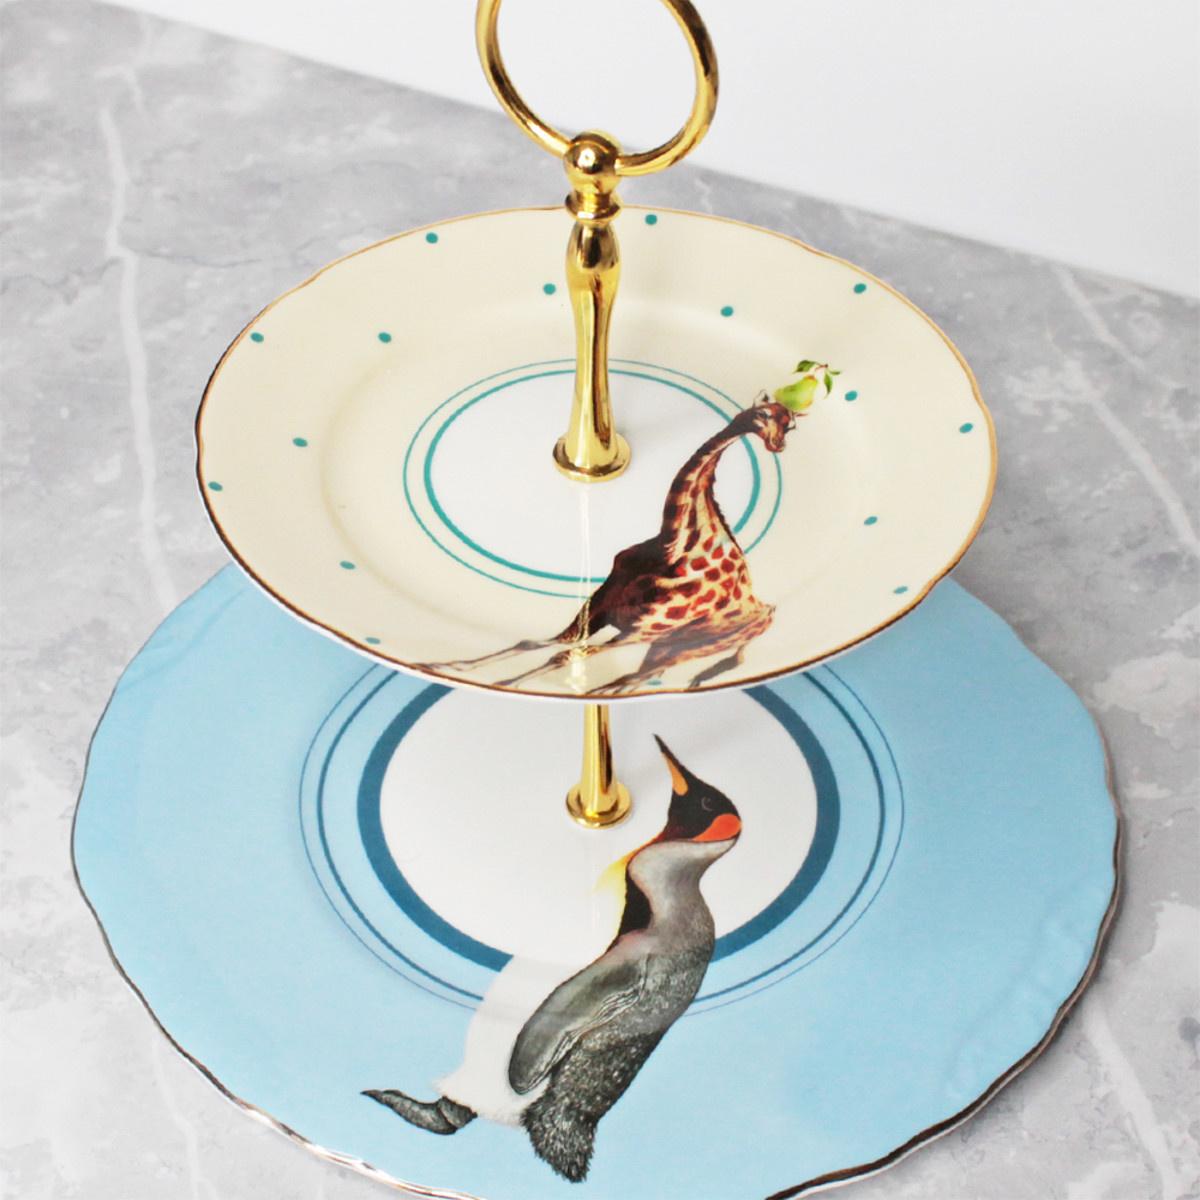 Yvonne Ellen London Yvonne Ellen London Carnival Animal Présentoir â Gateaux - 2 étages - Bone China Porcelaine